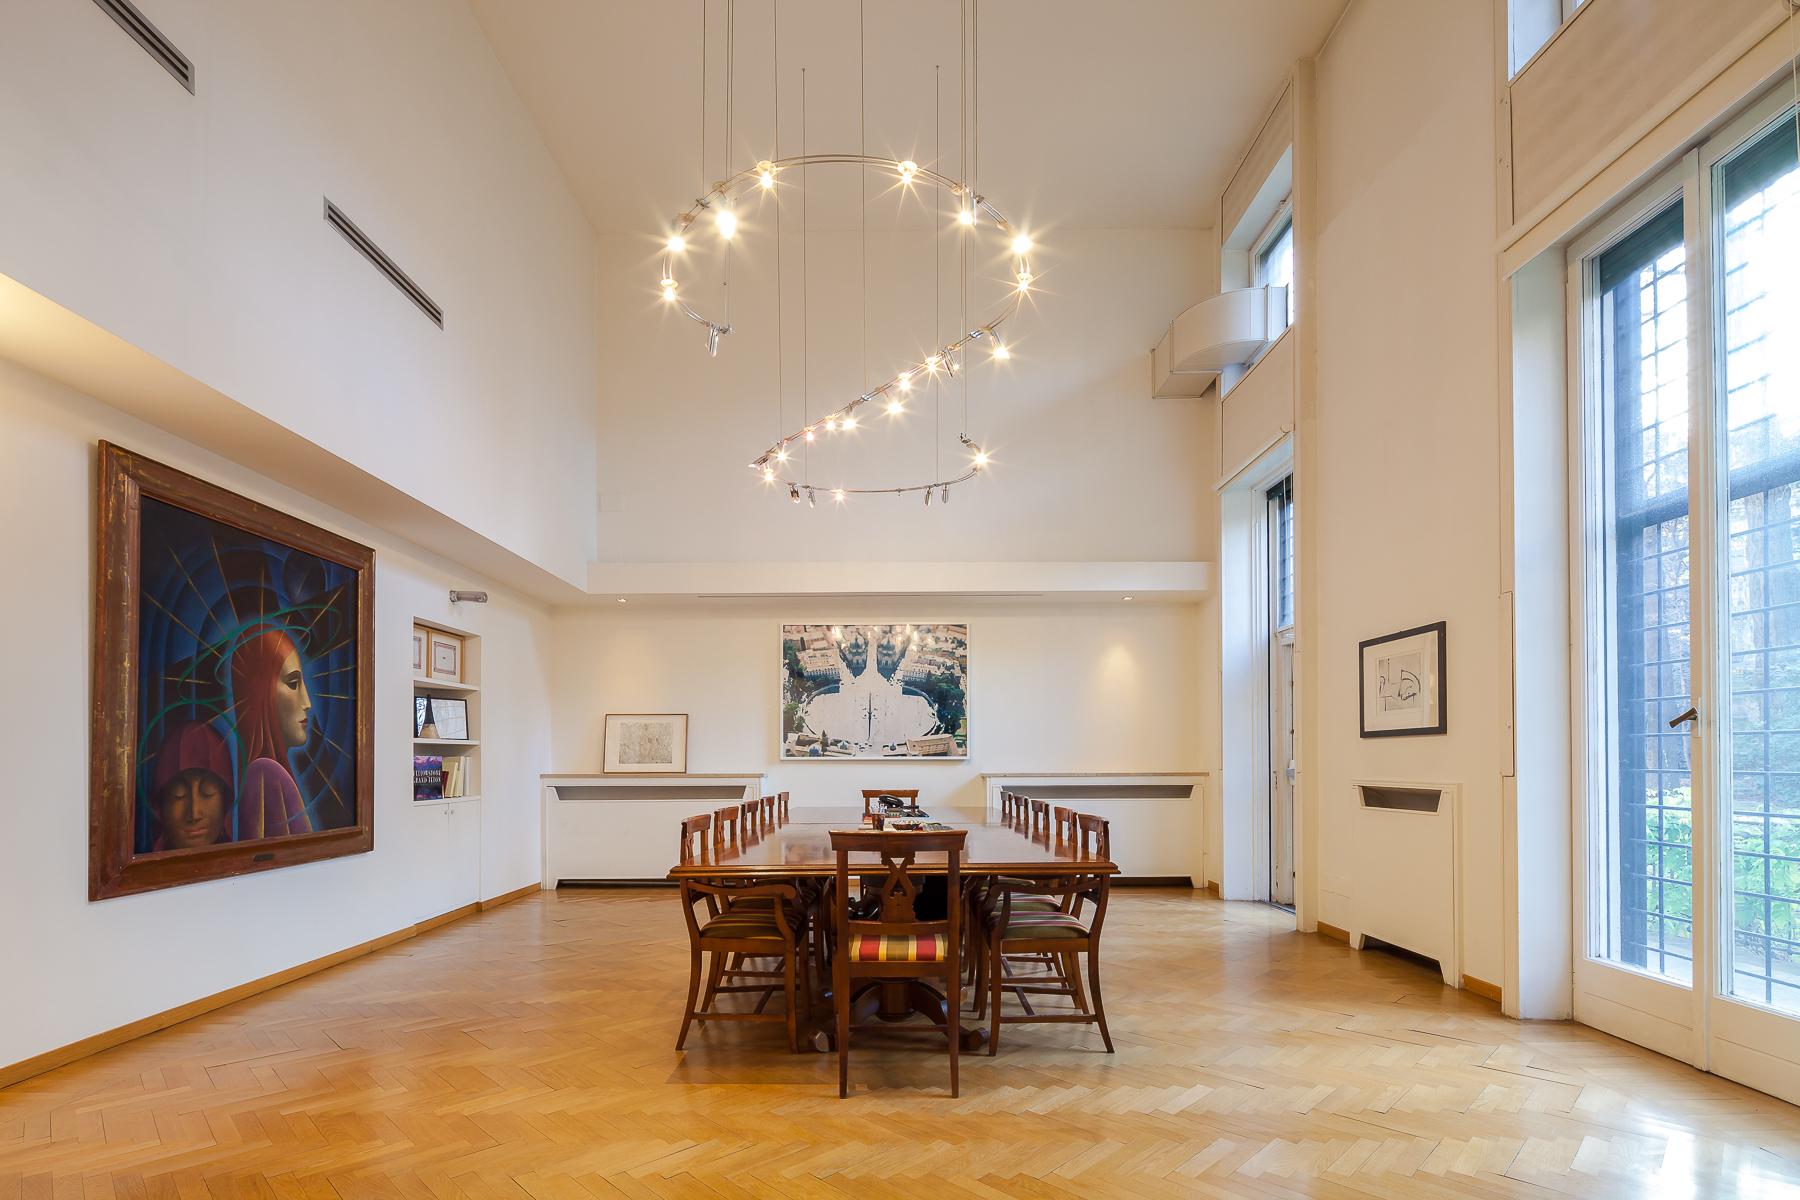 Immobili di lusso in affitto a milano trovocasa pregio for Appartamenti arredati in affitto milano